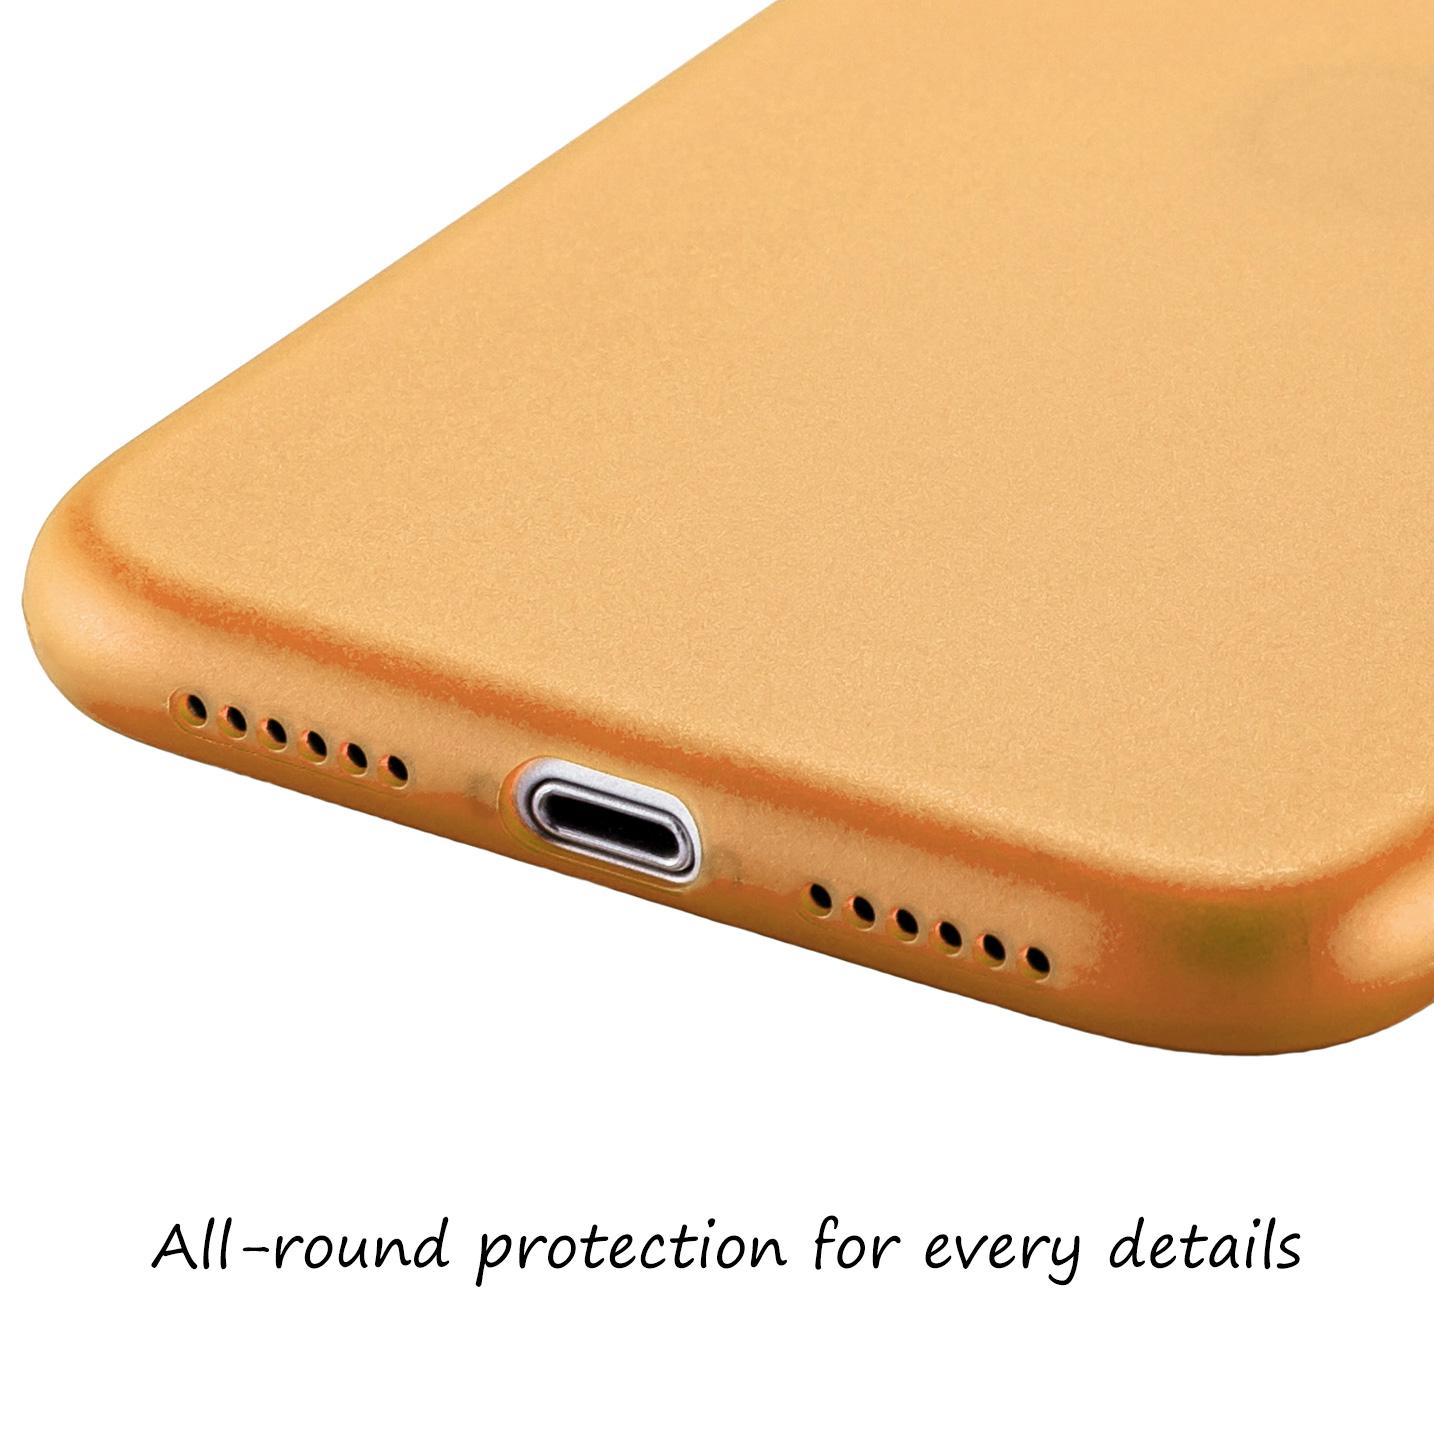 Ultra-Slim-Case-iPhone-11-6-1-034-Matt-Clear-Schutz-Huelle-Skin-Cover-Tasche-Folie Indexbild 44